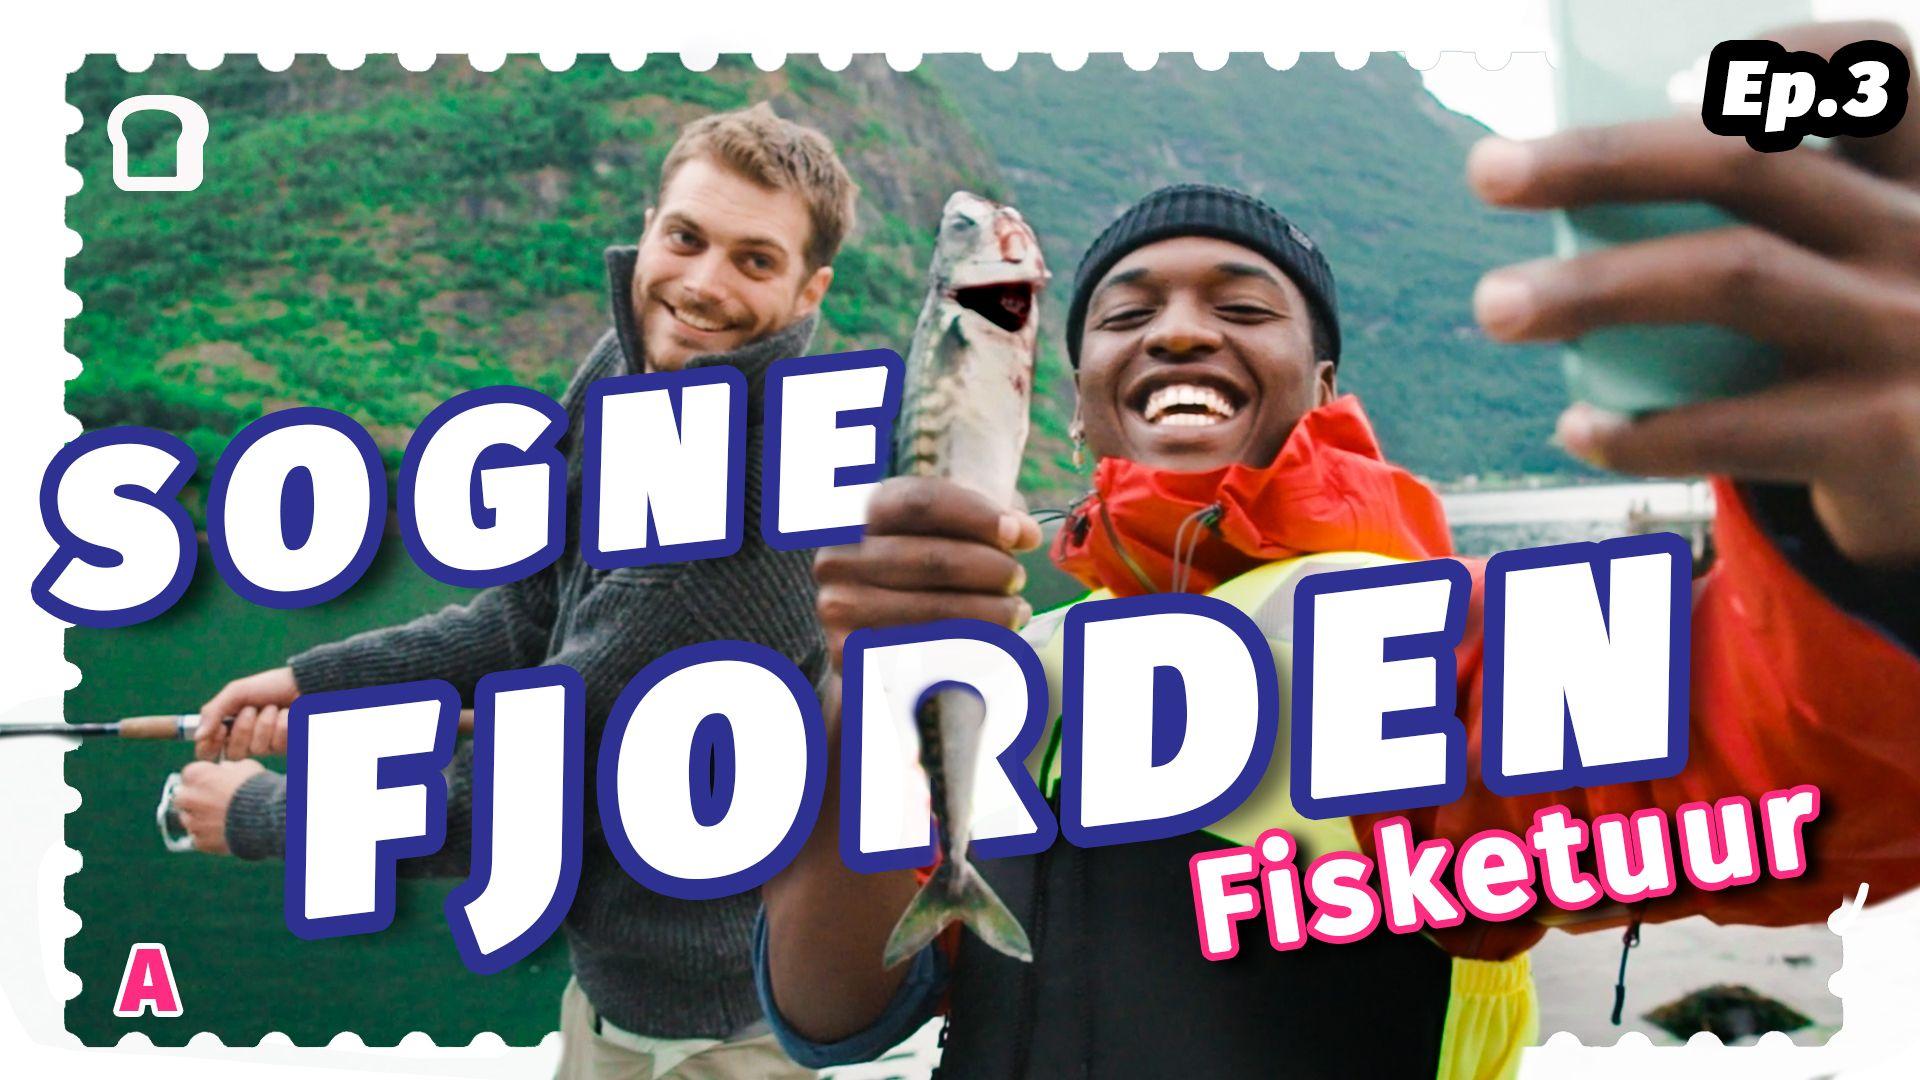 I seriens tredje episode tar Morten med Emil og Safari for å vise bassene hans store lidenskap, å fiske.   Safari får utfordret vannskrekken sin, testet redningsvest, og han får oppleve hvorfor Morten er så glad i å fiske. Emil får også utfordret seg på hvordan det er å være på et sted skjermet for mennesker.